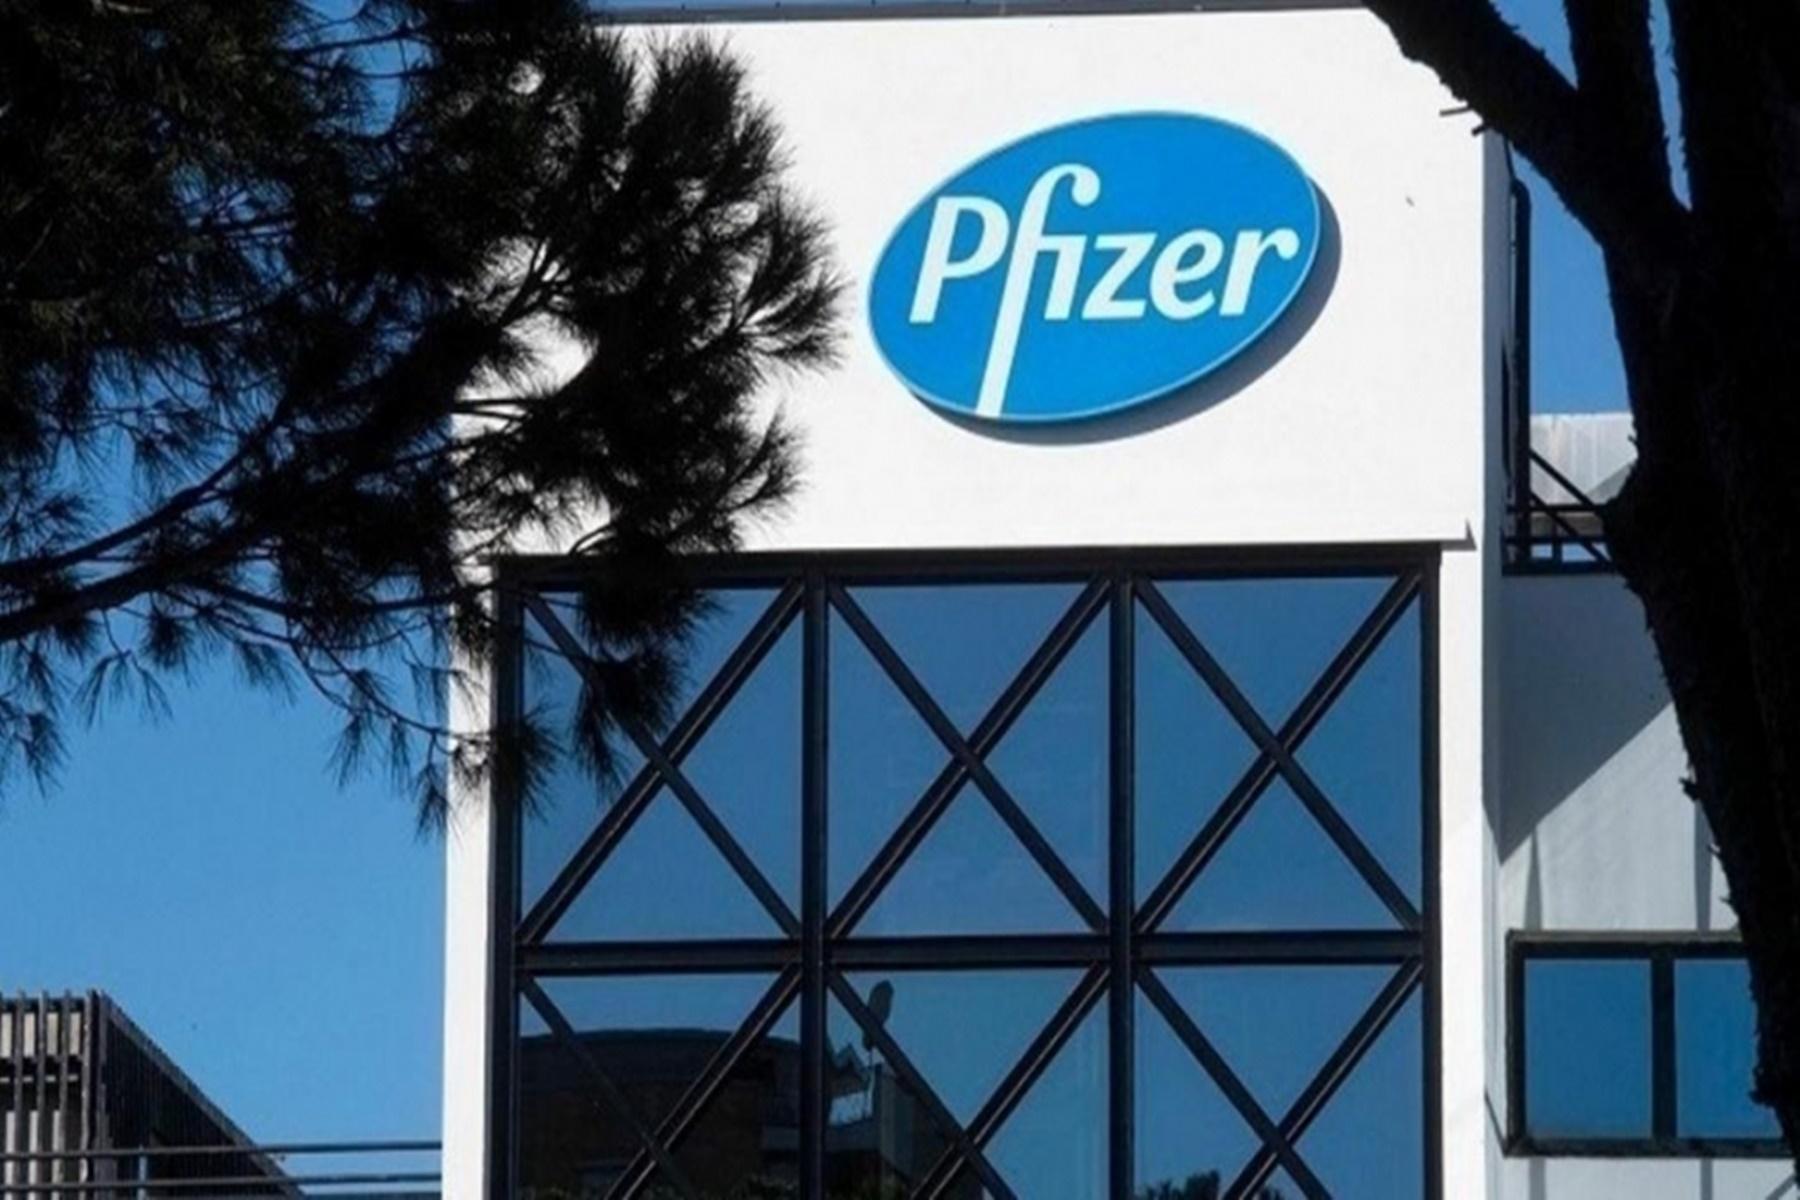 Κέντρο Ψηφιακής Καινοτομίας της Pfizer : Aνακοινώνει την έναρξη του Rotational Graduate Program